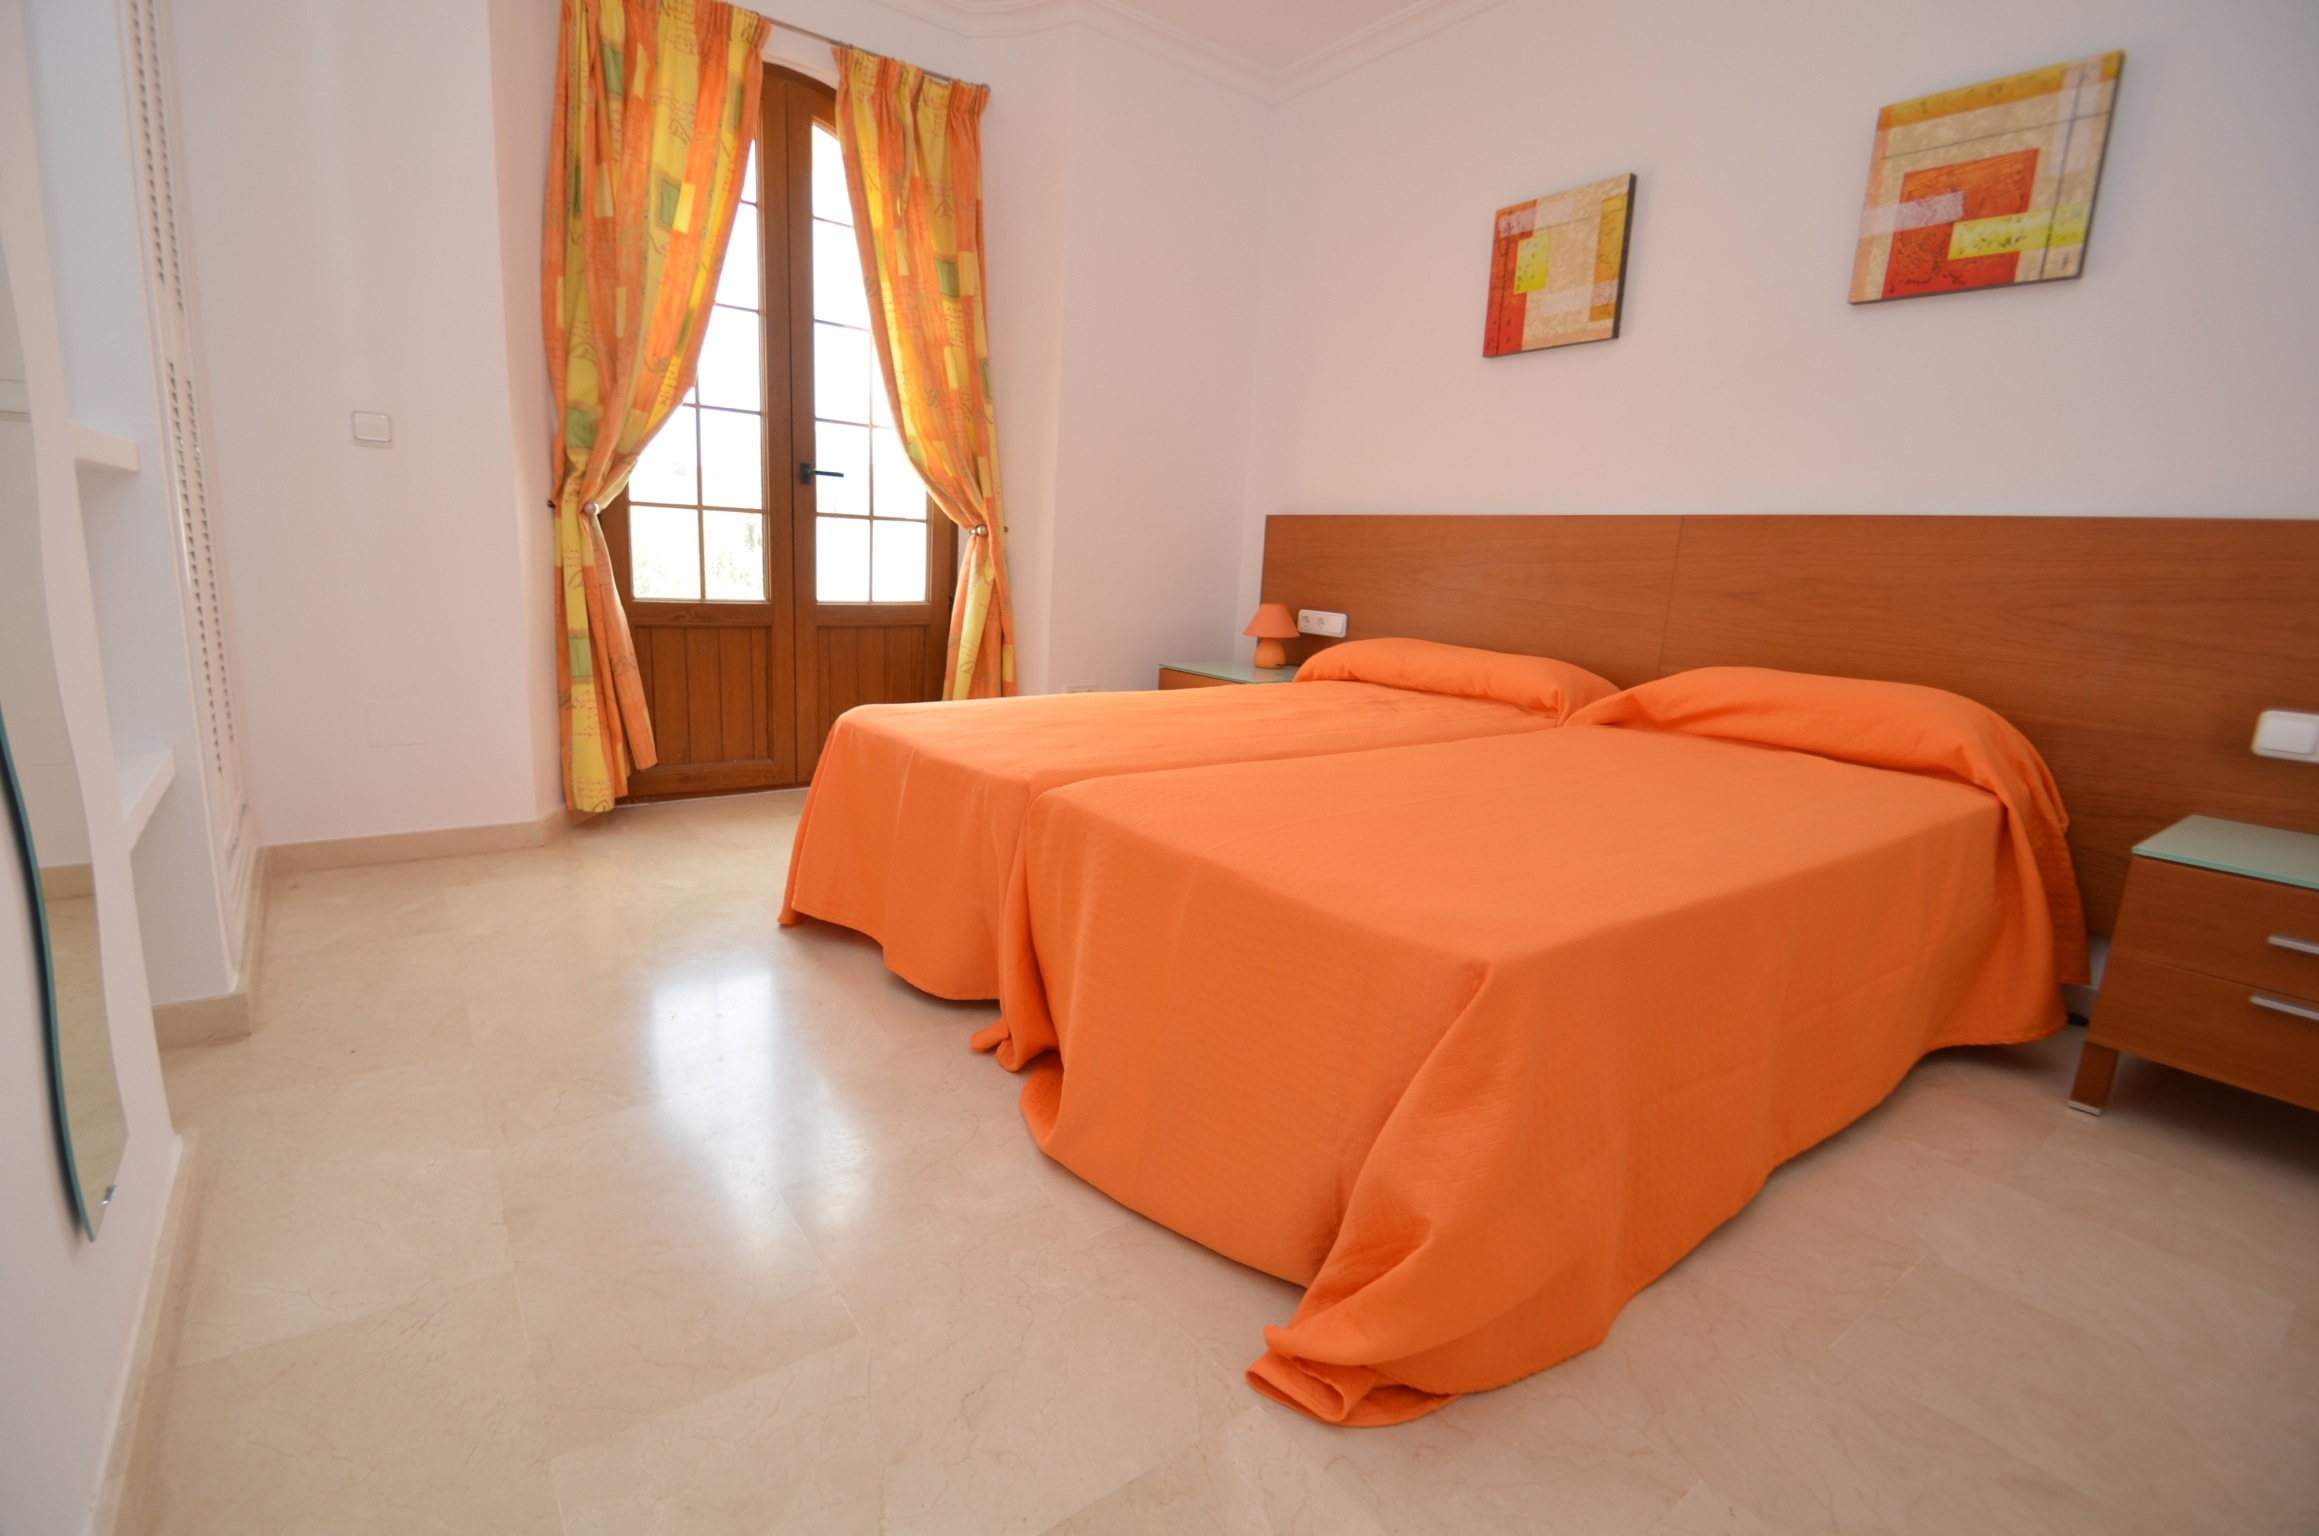 Cerezo Bedroom 4